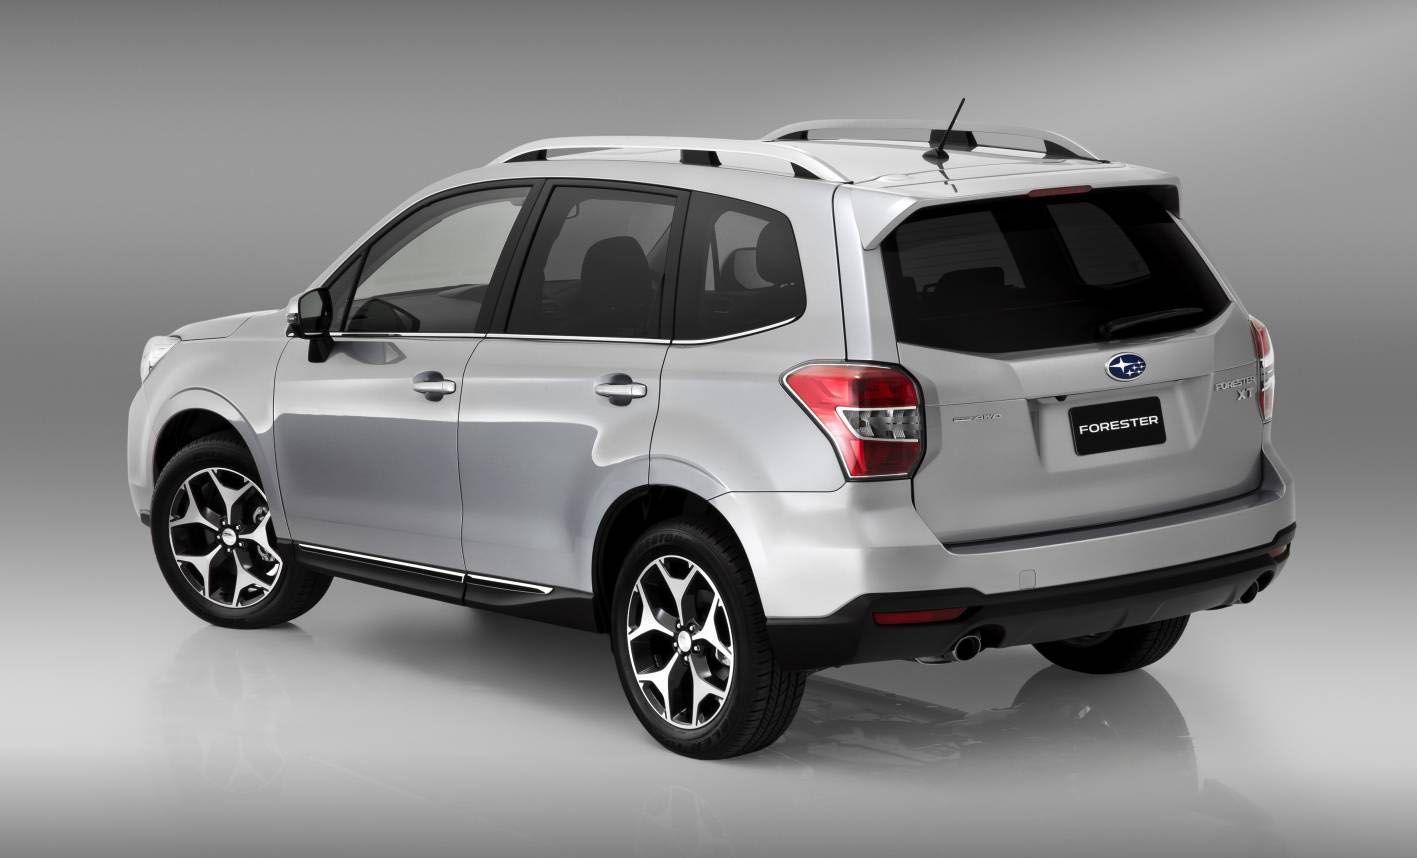 Subaru 2015 subaru forester specs : 2016 Subaru Forester Redesign, Release Date. The 2016 Subaru ...